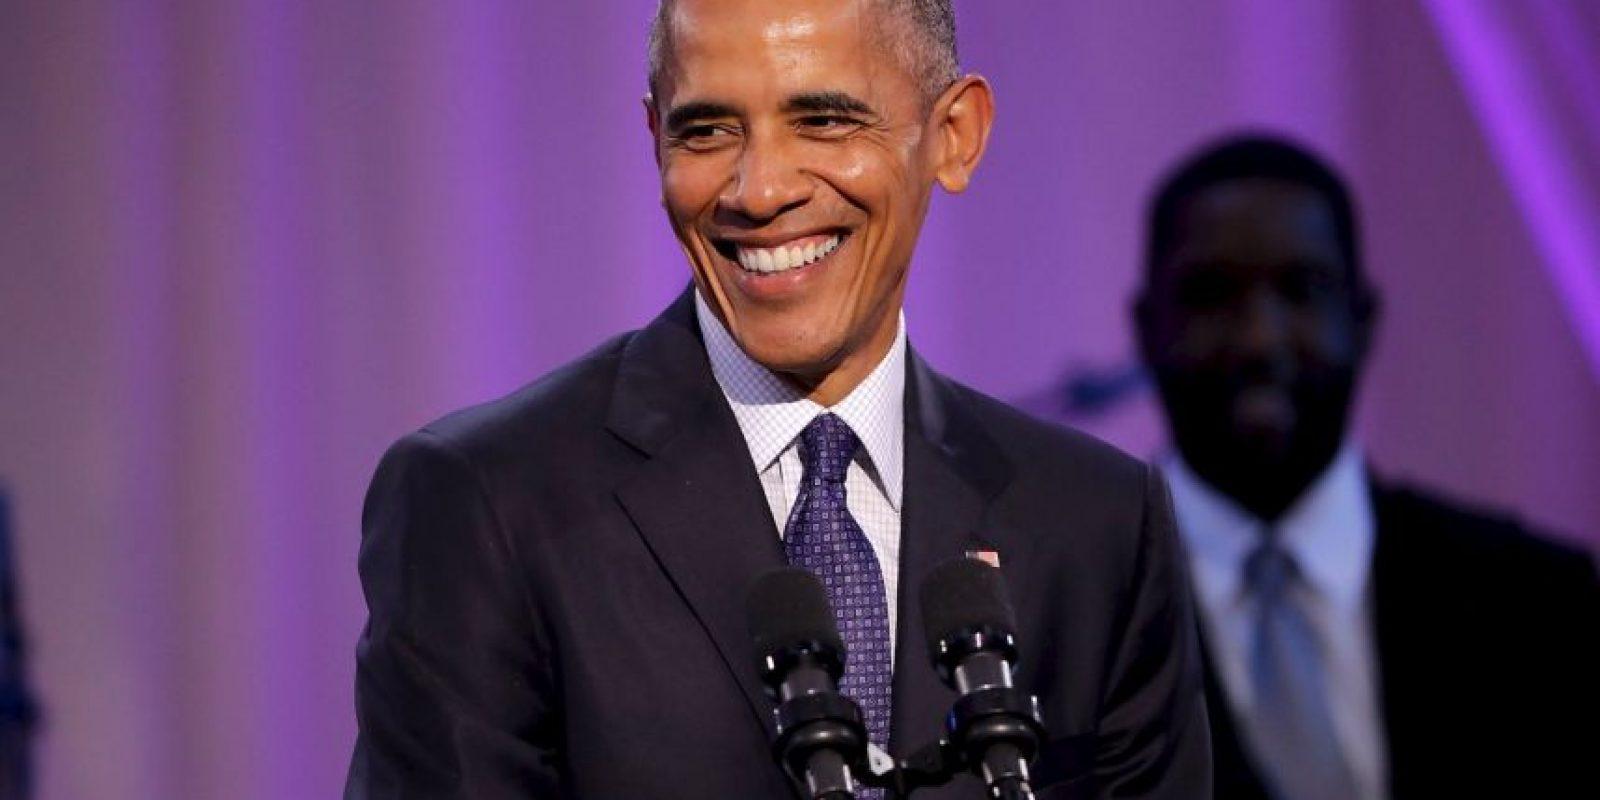 Se transmitirá en Estados Unidos el próximo 15 de noviembre. Foto:Getty Images